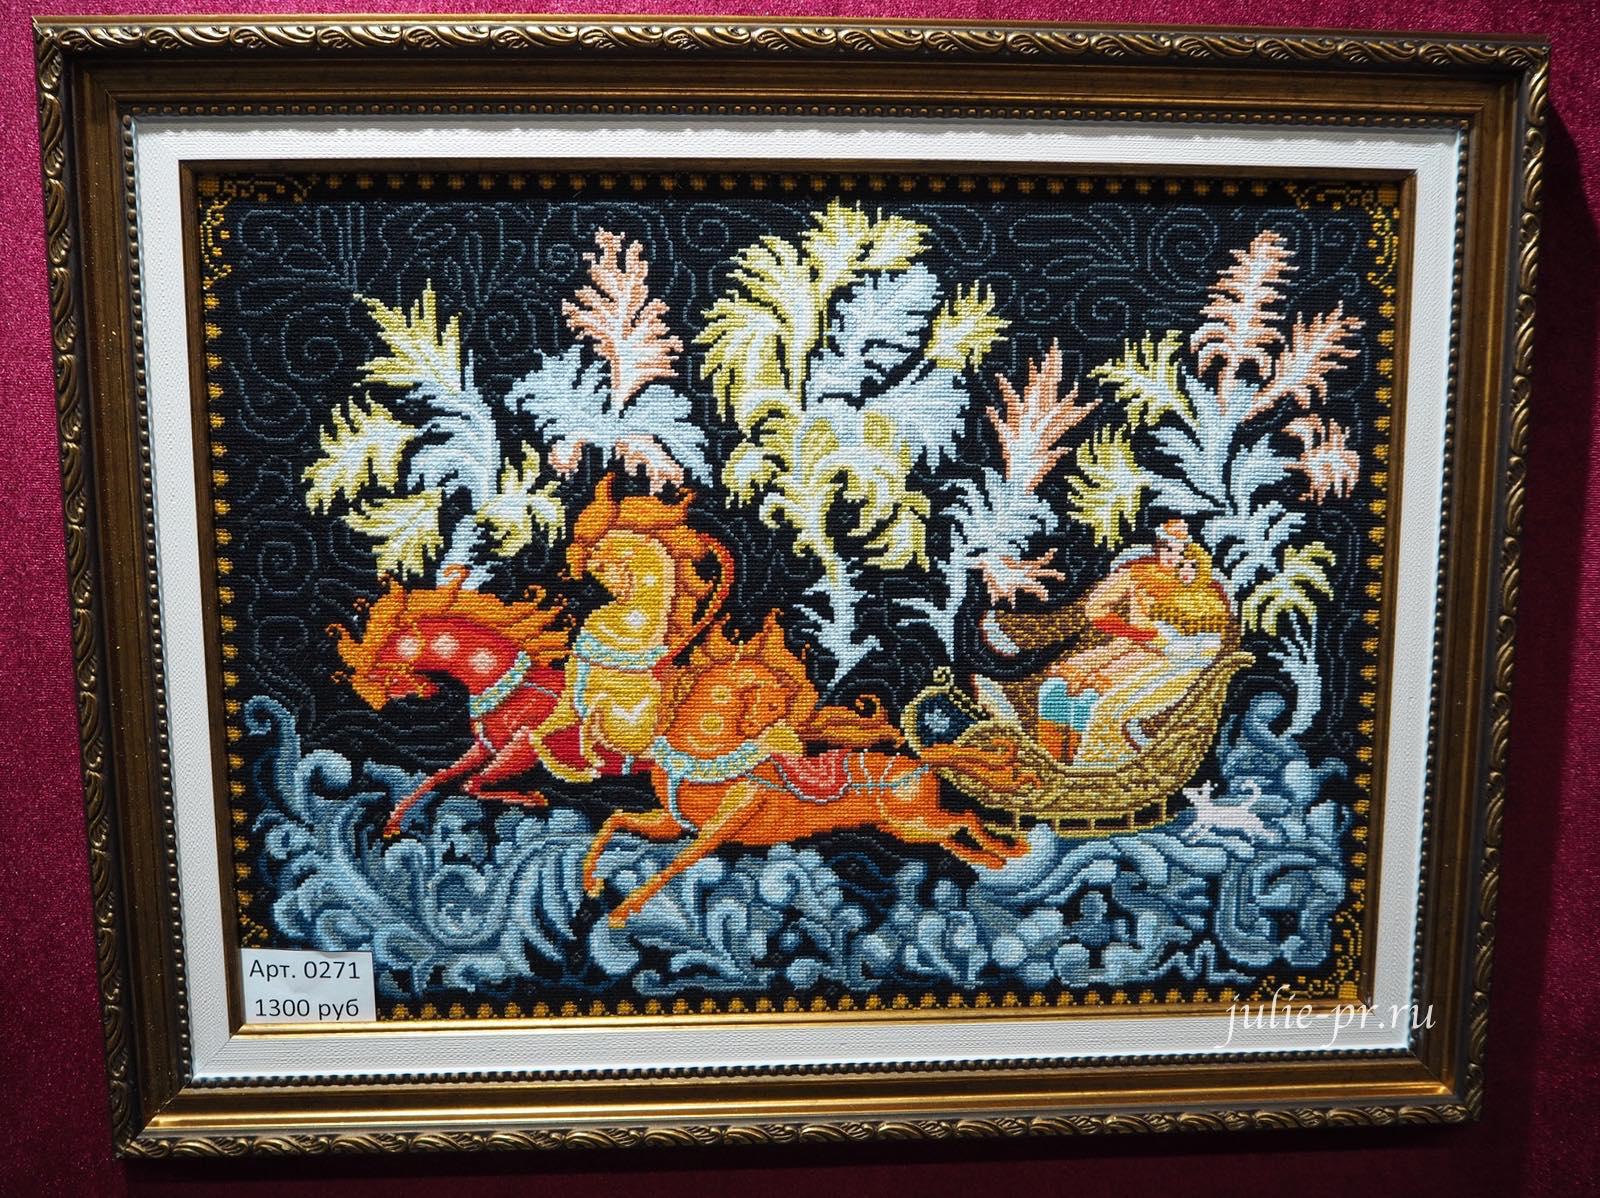 Nitex, вышивка крестом, тройка лошадей